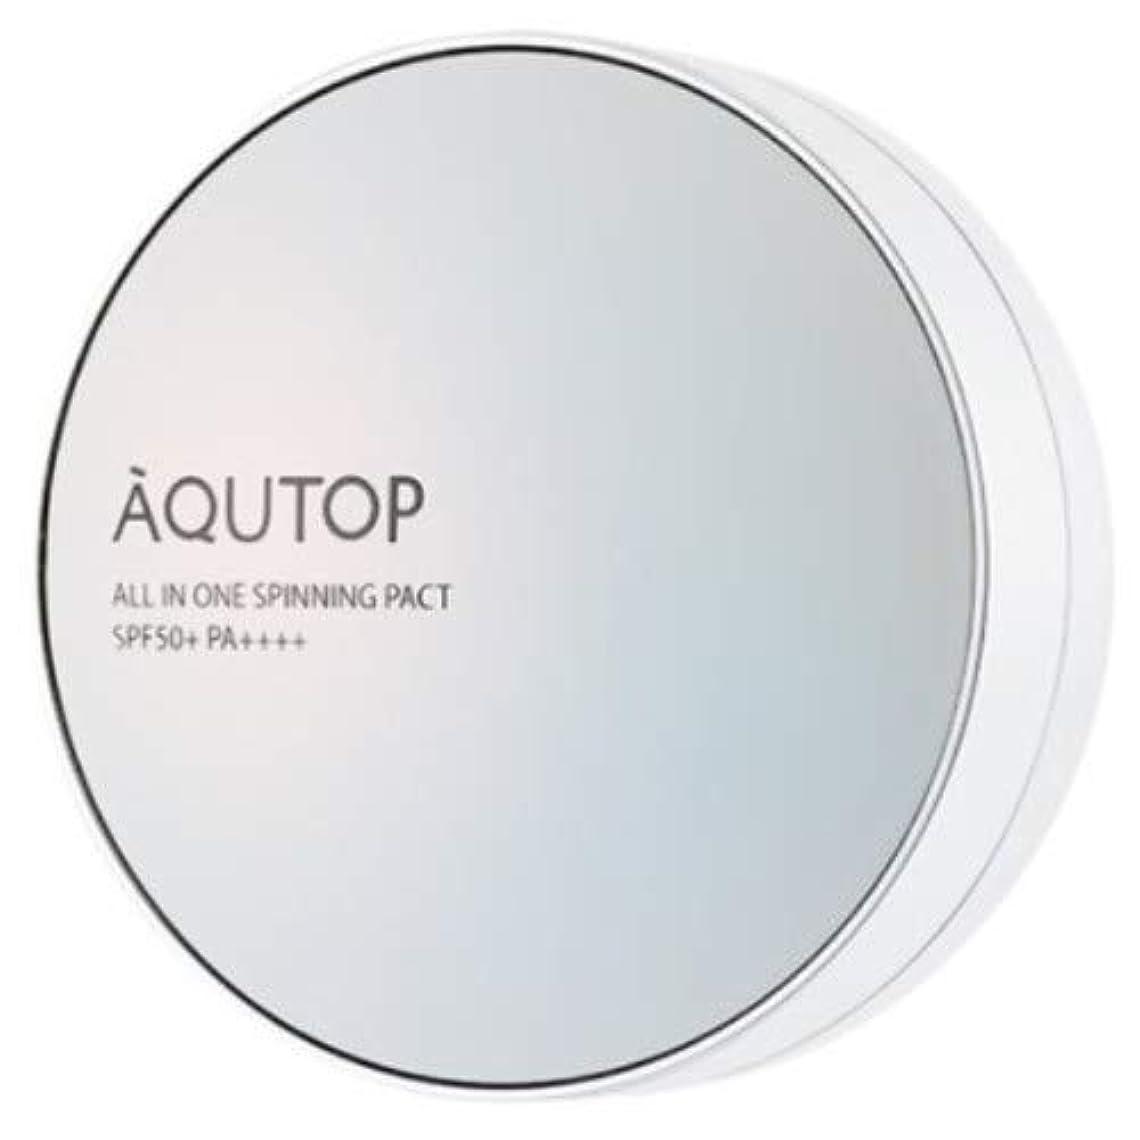 イル複製する取り戻す[AQUTOP] アクタップオールインワンスピニングファクト SPF 50+ PA ++++ / AQUTOP ALL IN ONE SPINNING PACT [並行輸入品] (21号 ライトベージュ)